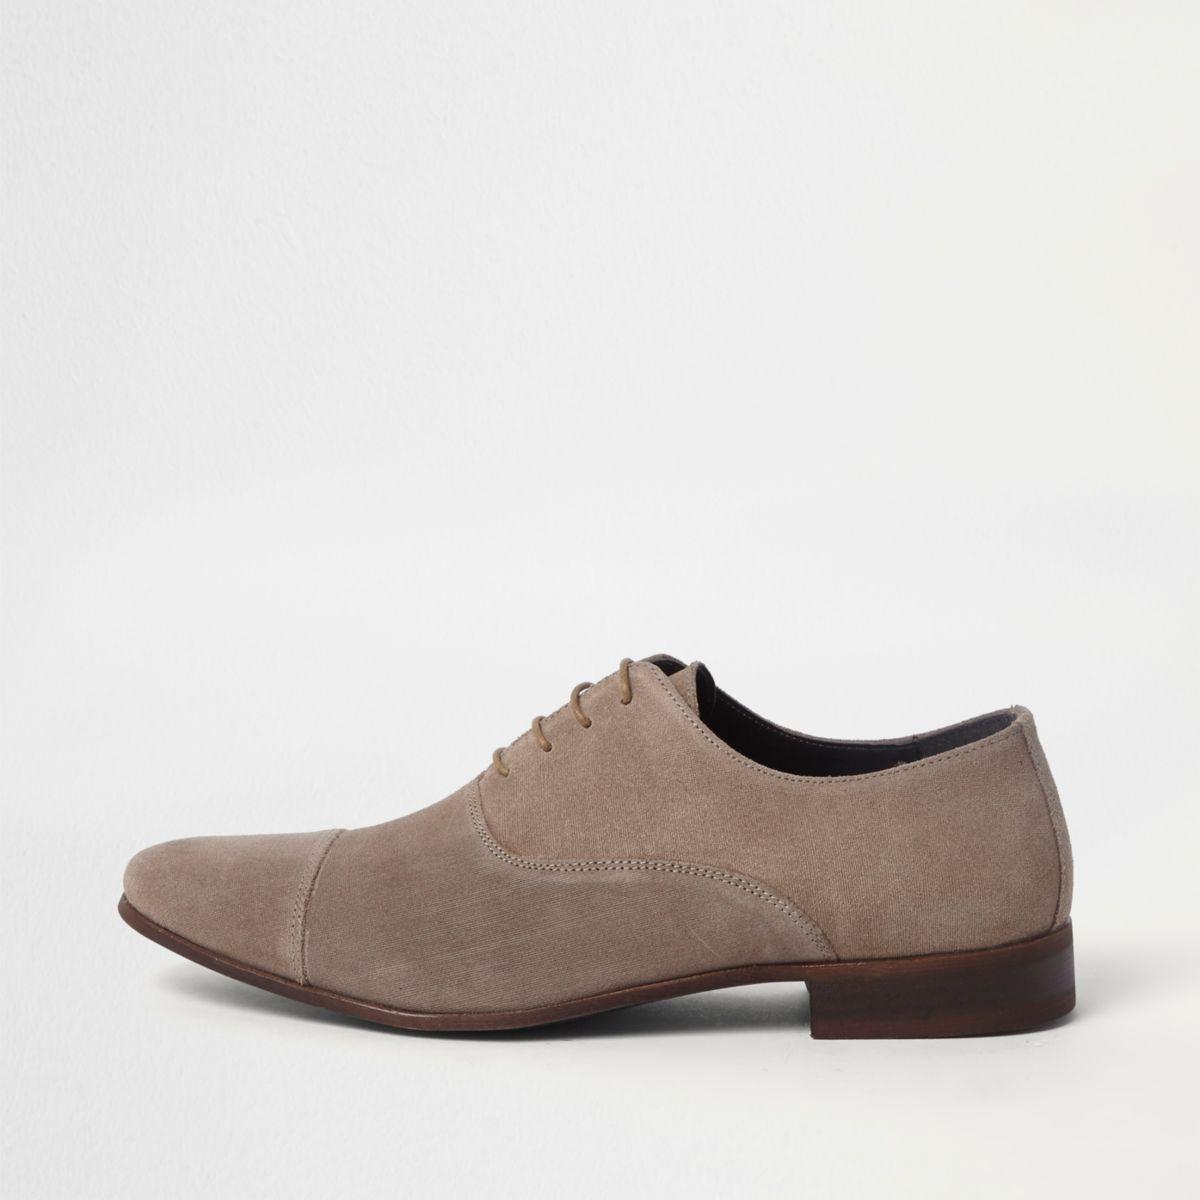 Beige toecap lace-up Oxford shoes